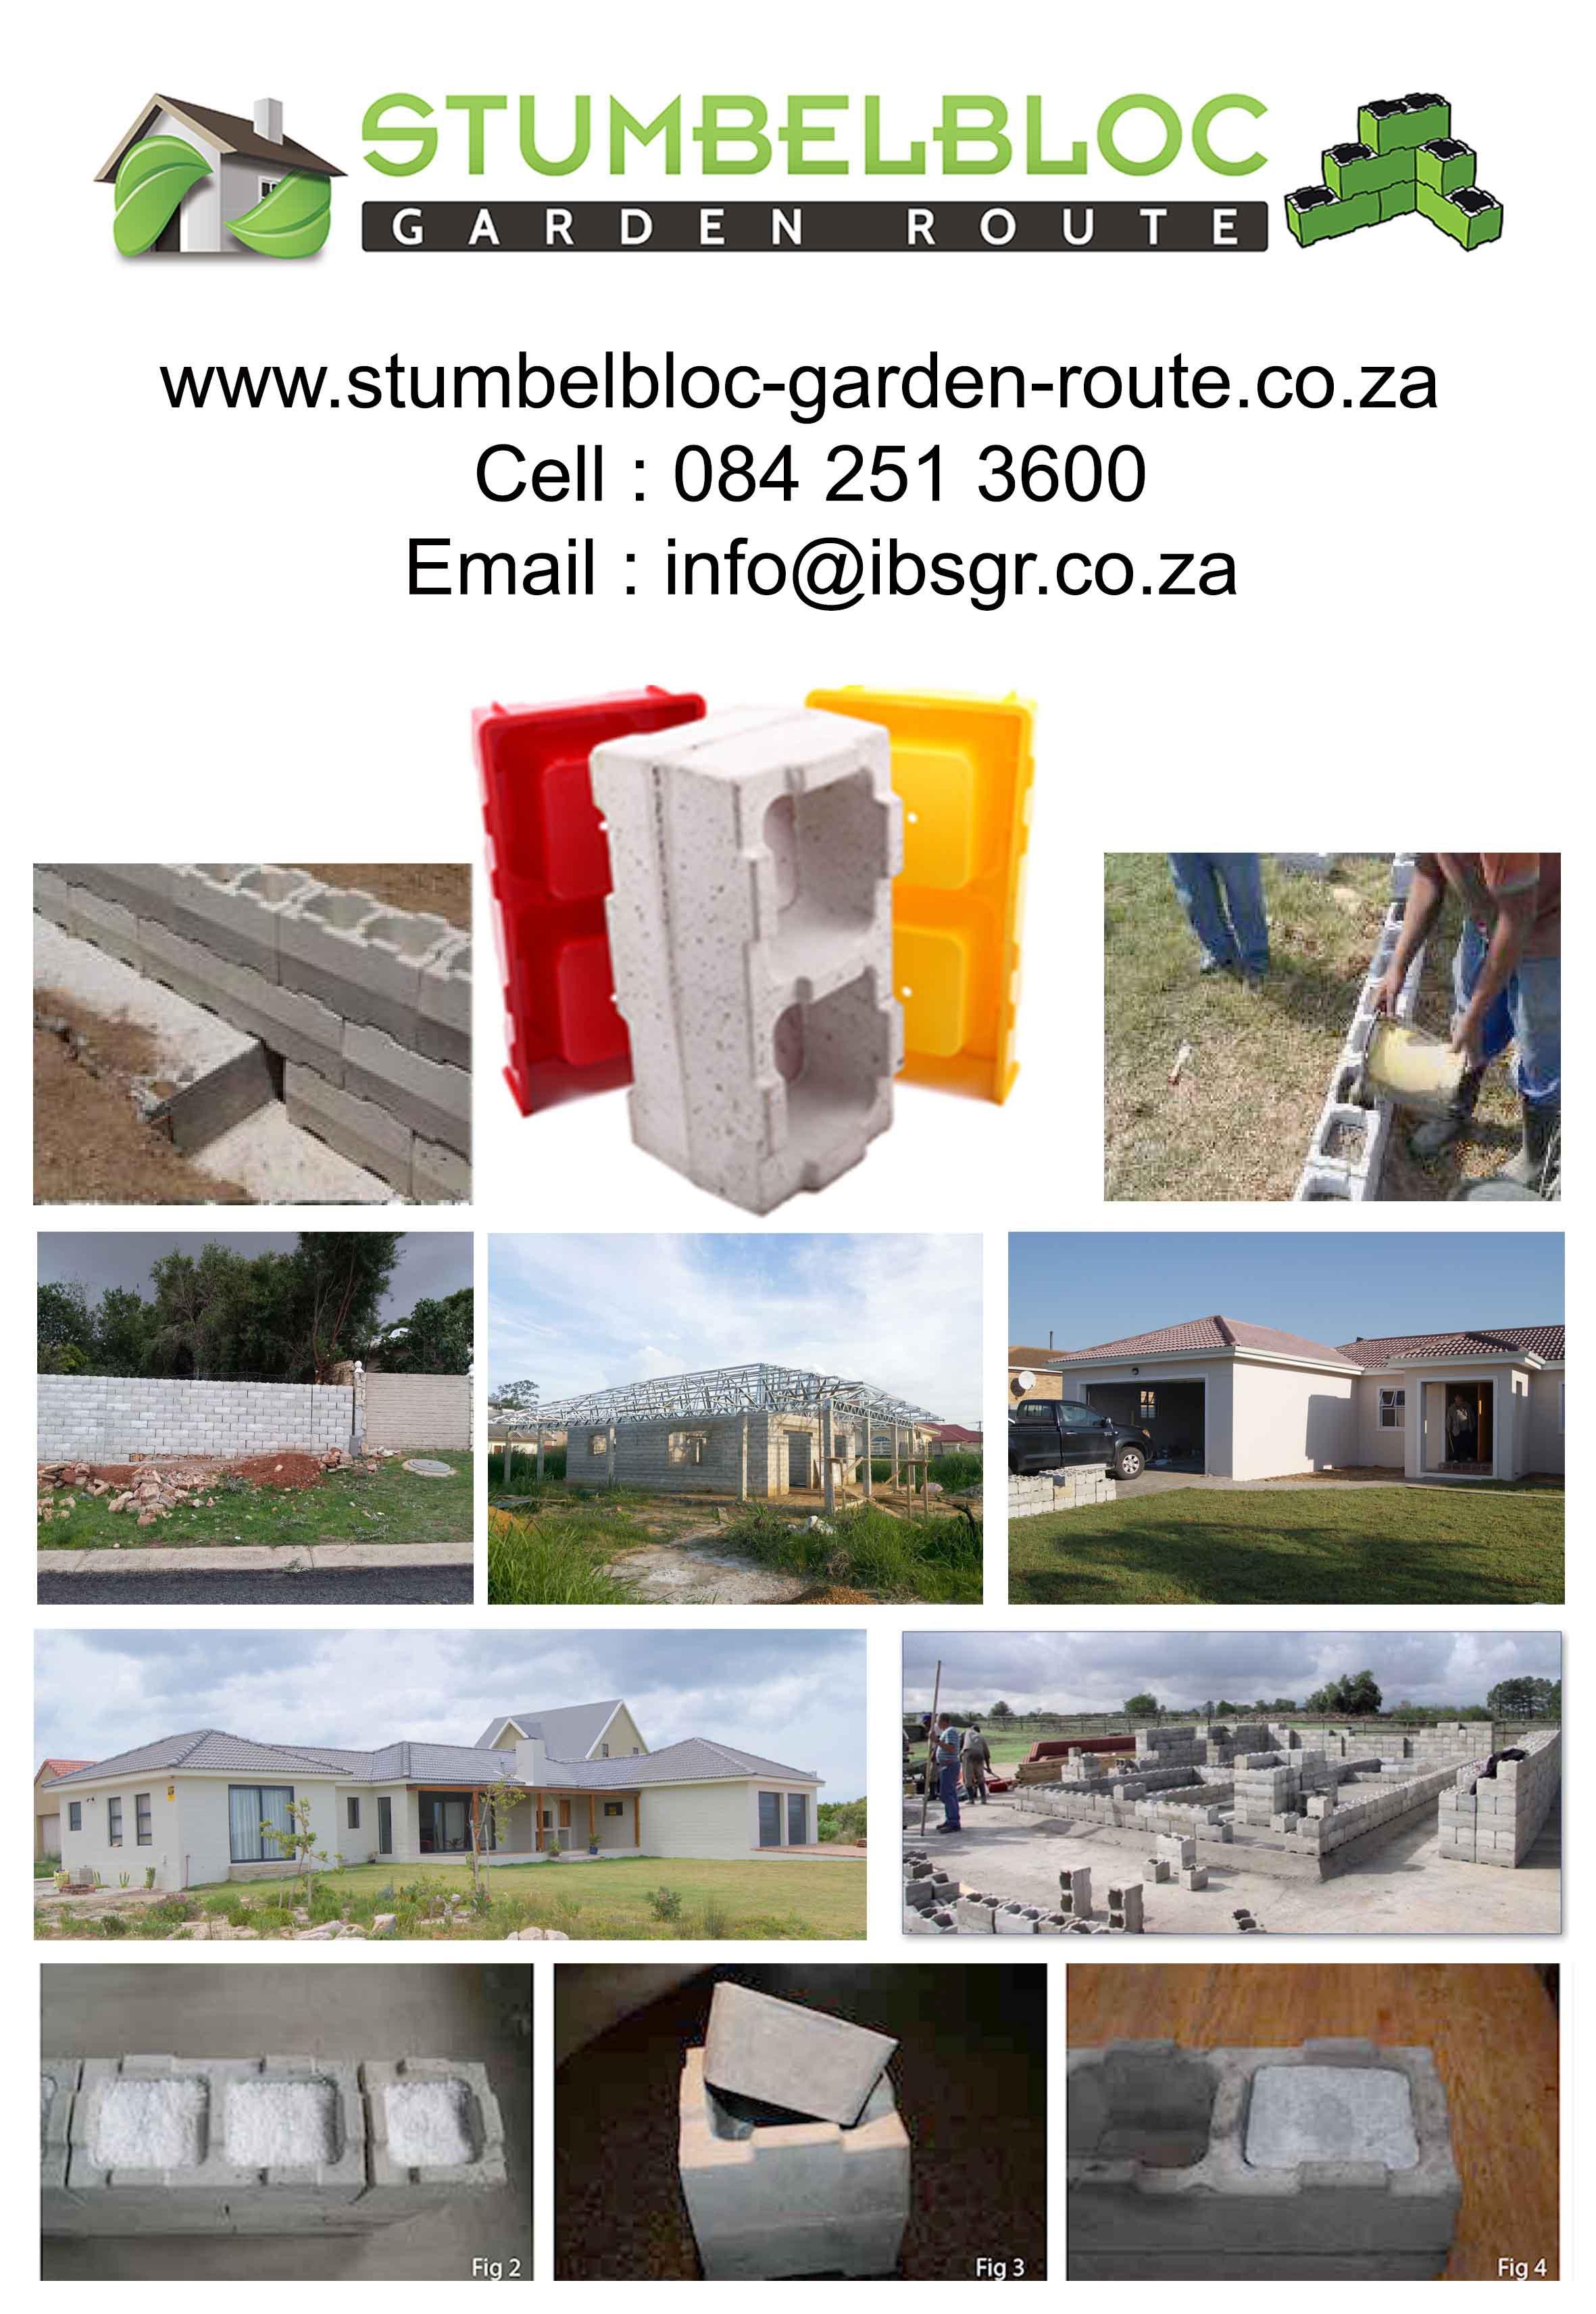 Products Stumbelbloc Eden Developments www.edendevelopments.co.za